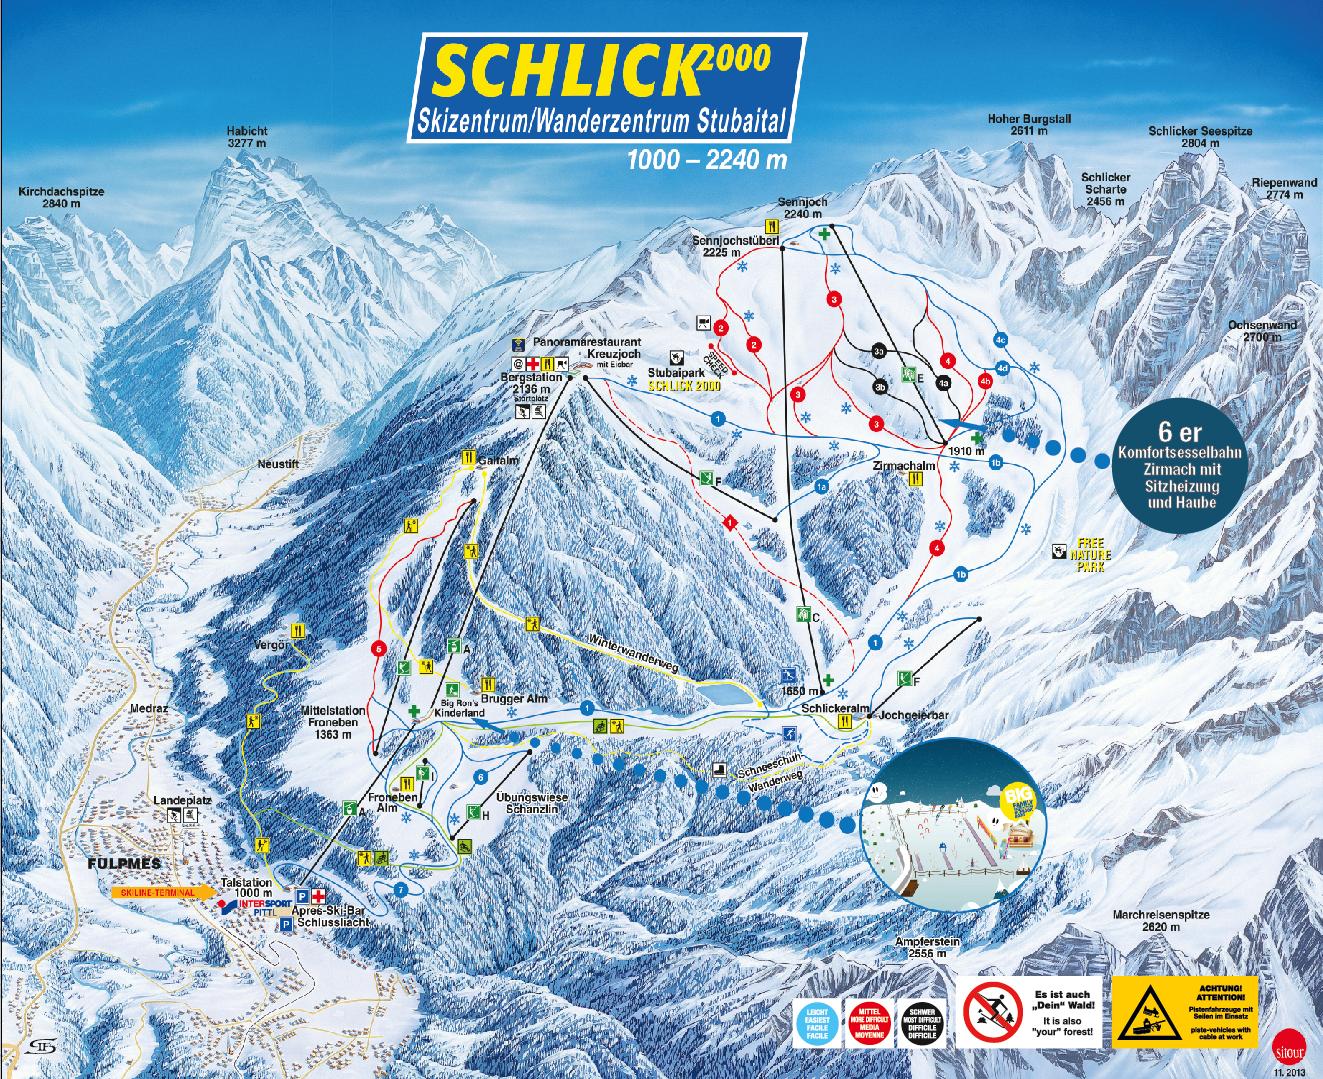 Panorama Schlick 2000